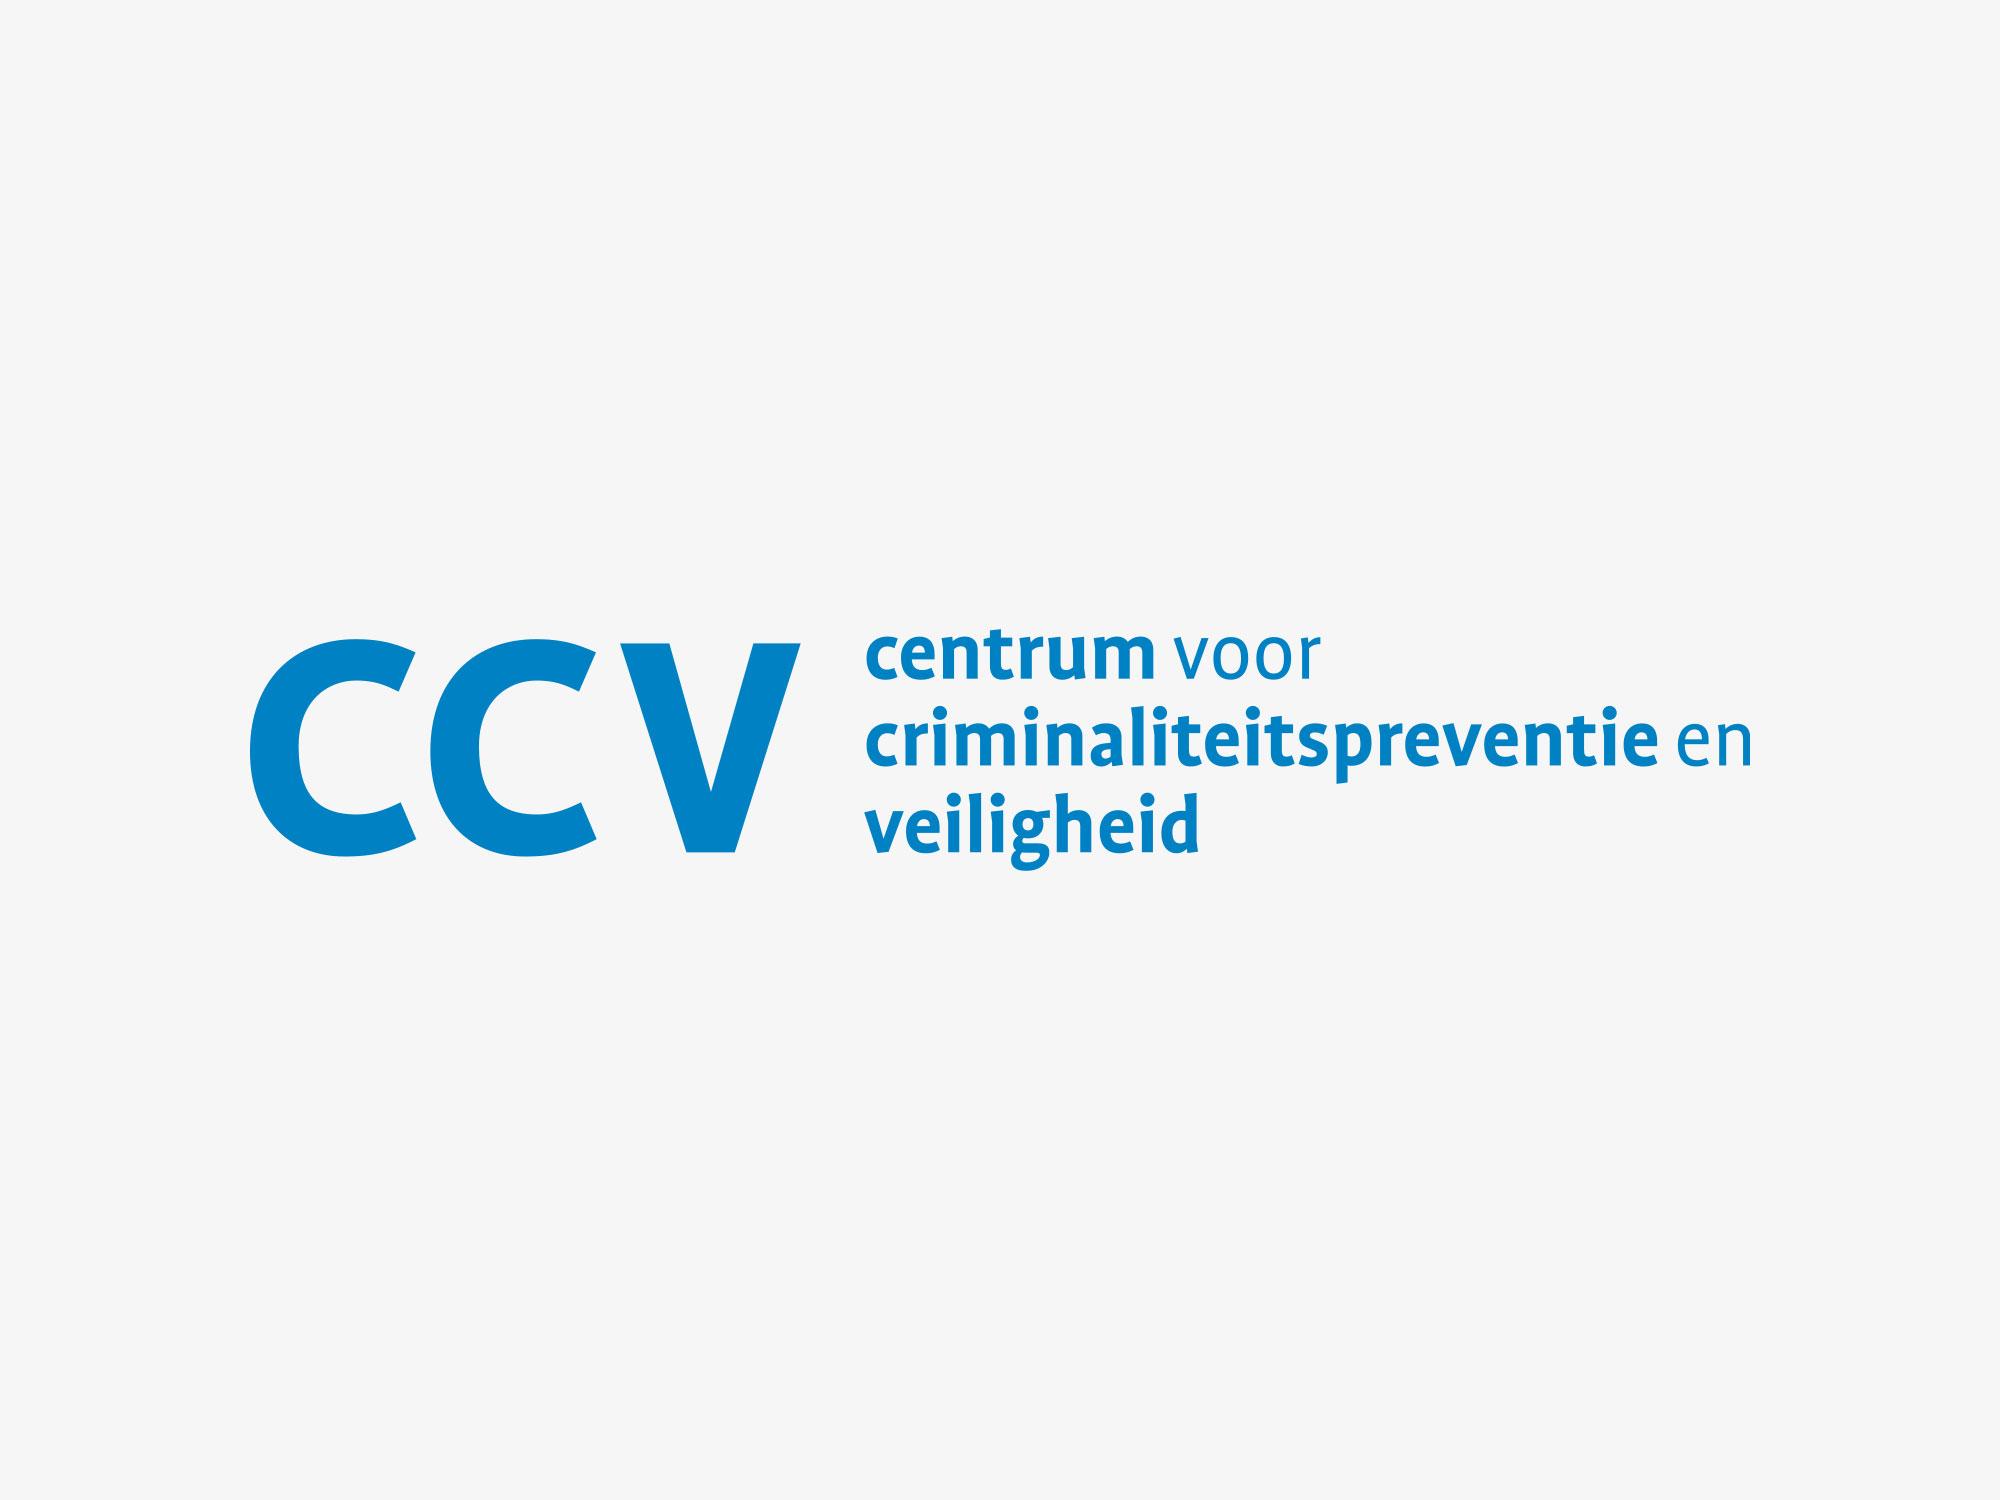 logo Centrum voor Criminaliteitspreventie en Veiligheid